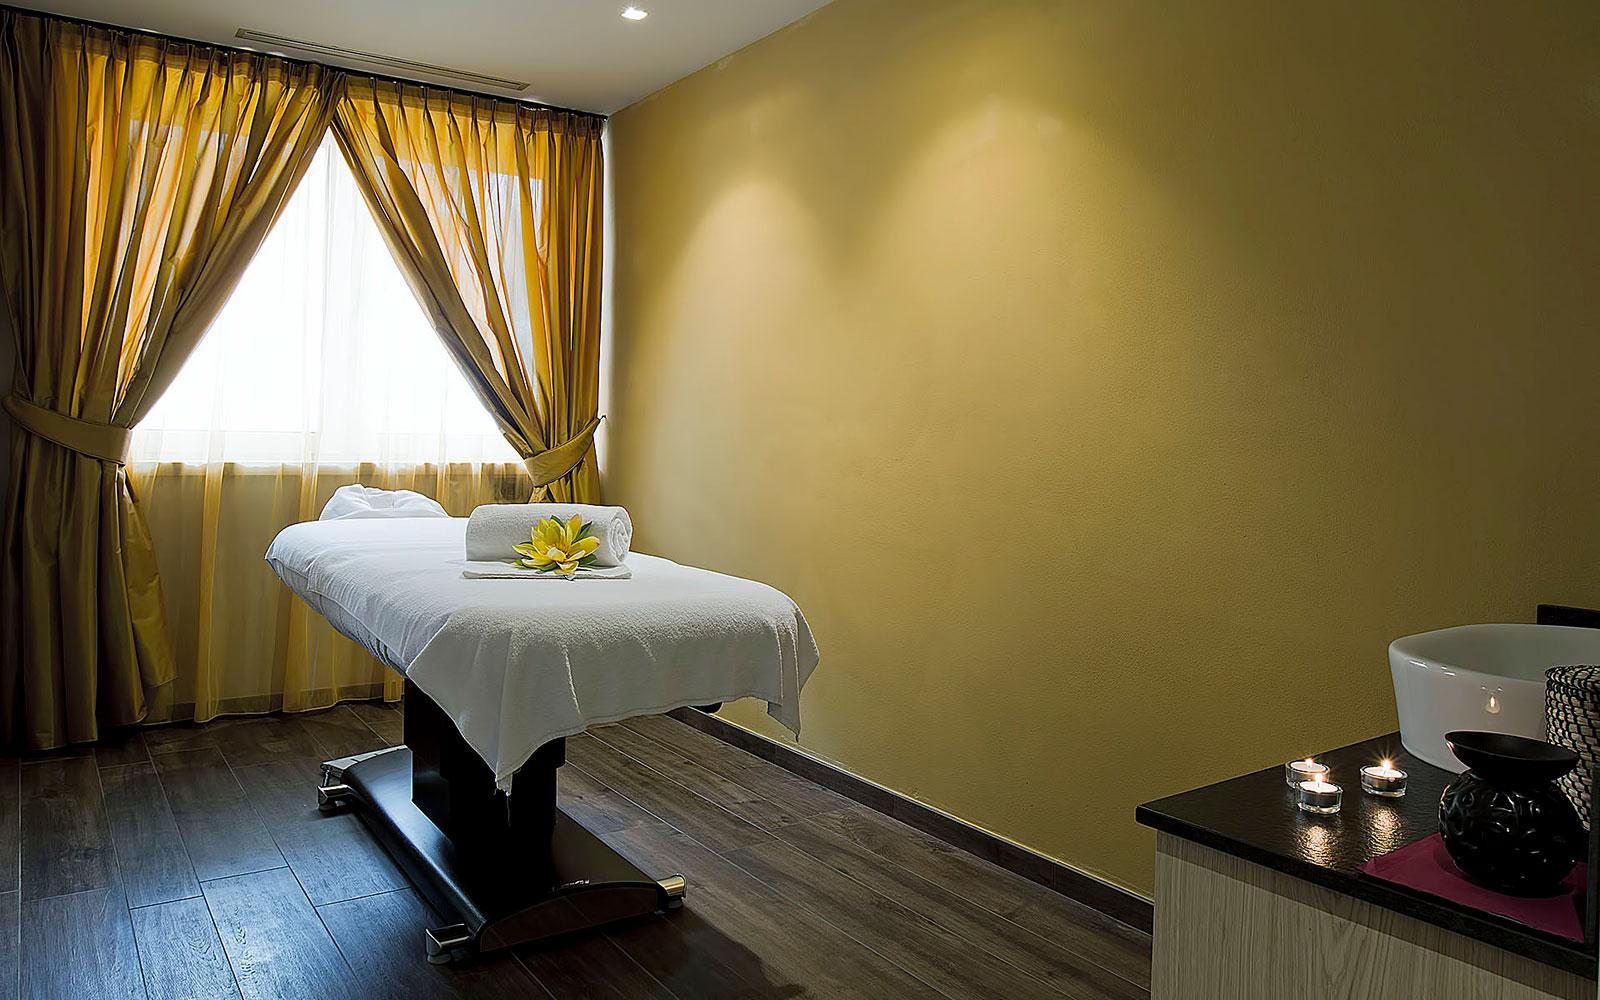 TRATTAMENTI BEAUTY<br>CIARNADOI DESIGN & SUITE HOTEL - VIGO DI FASSA